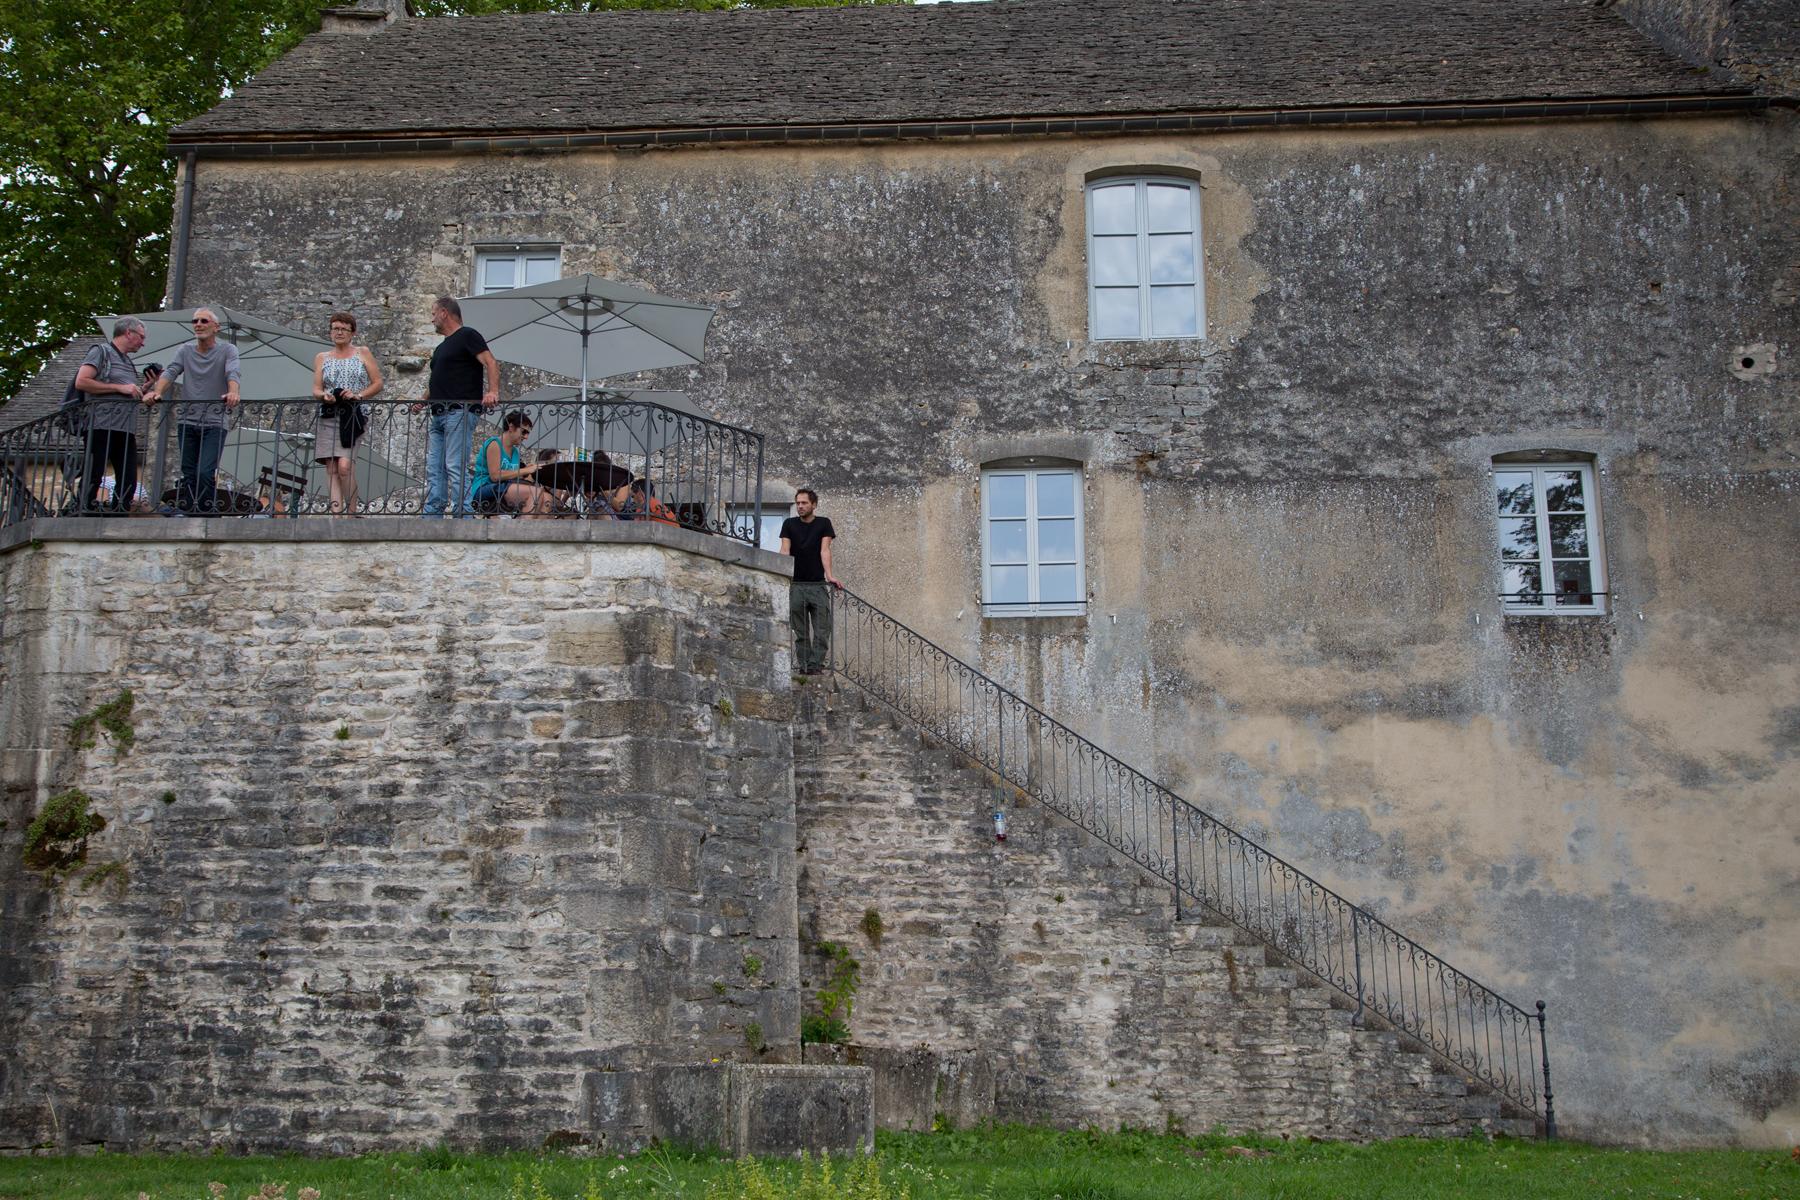 Château Chalon-Frankreich-Département Jura-Bourgogne Franche Comté